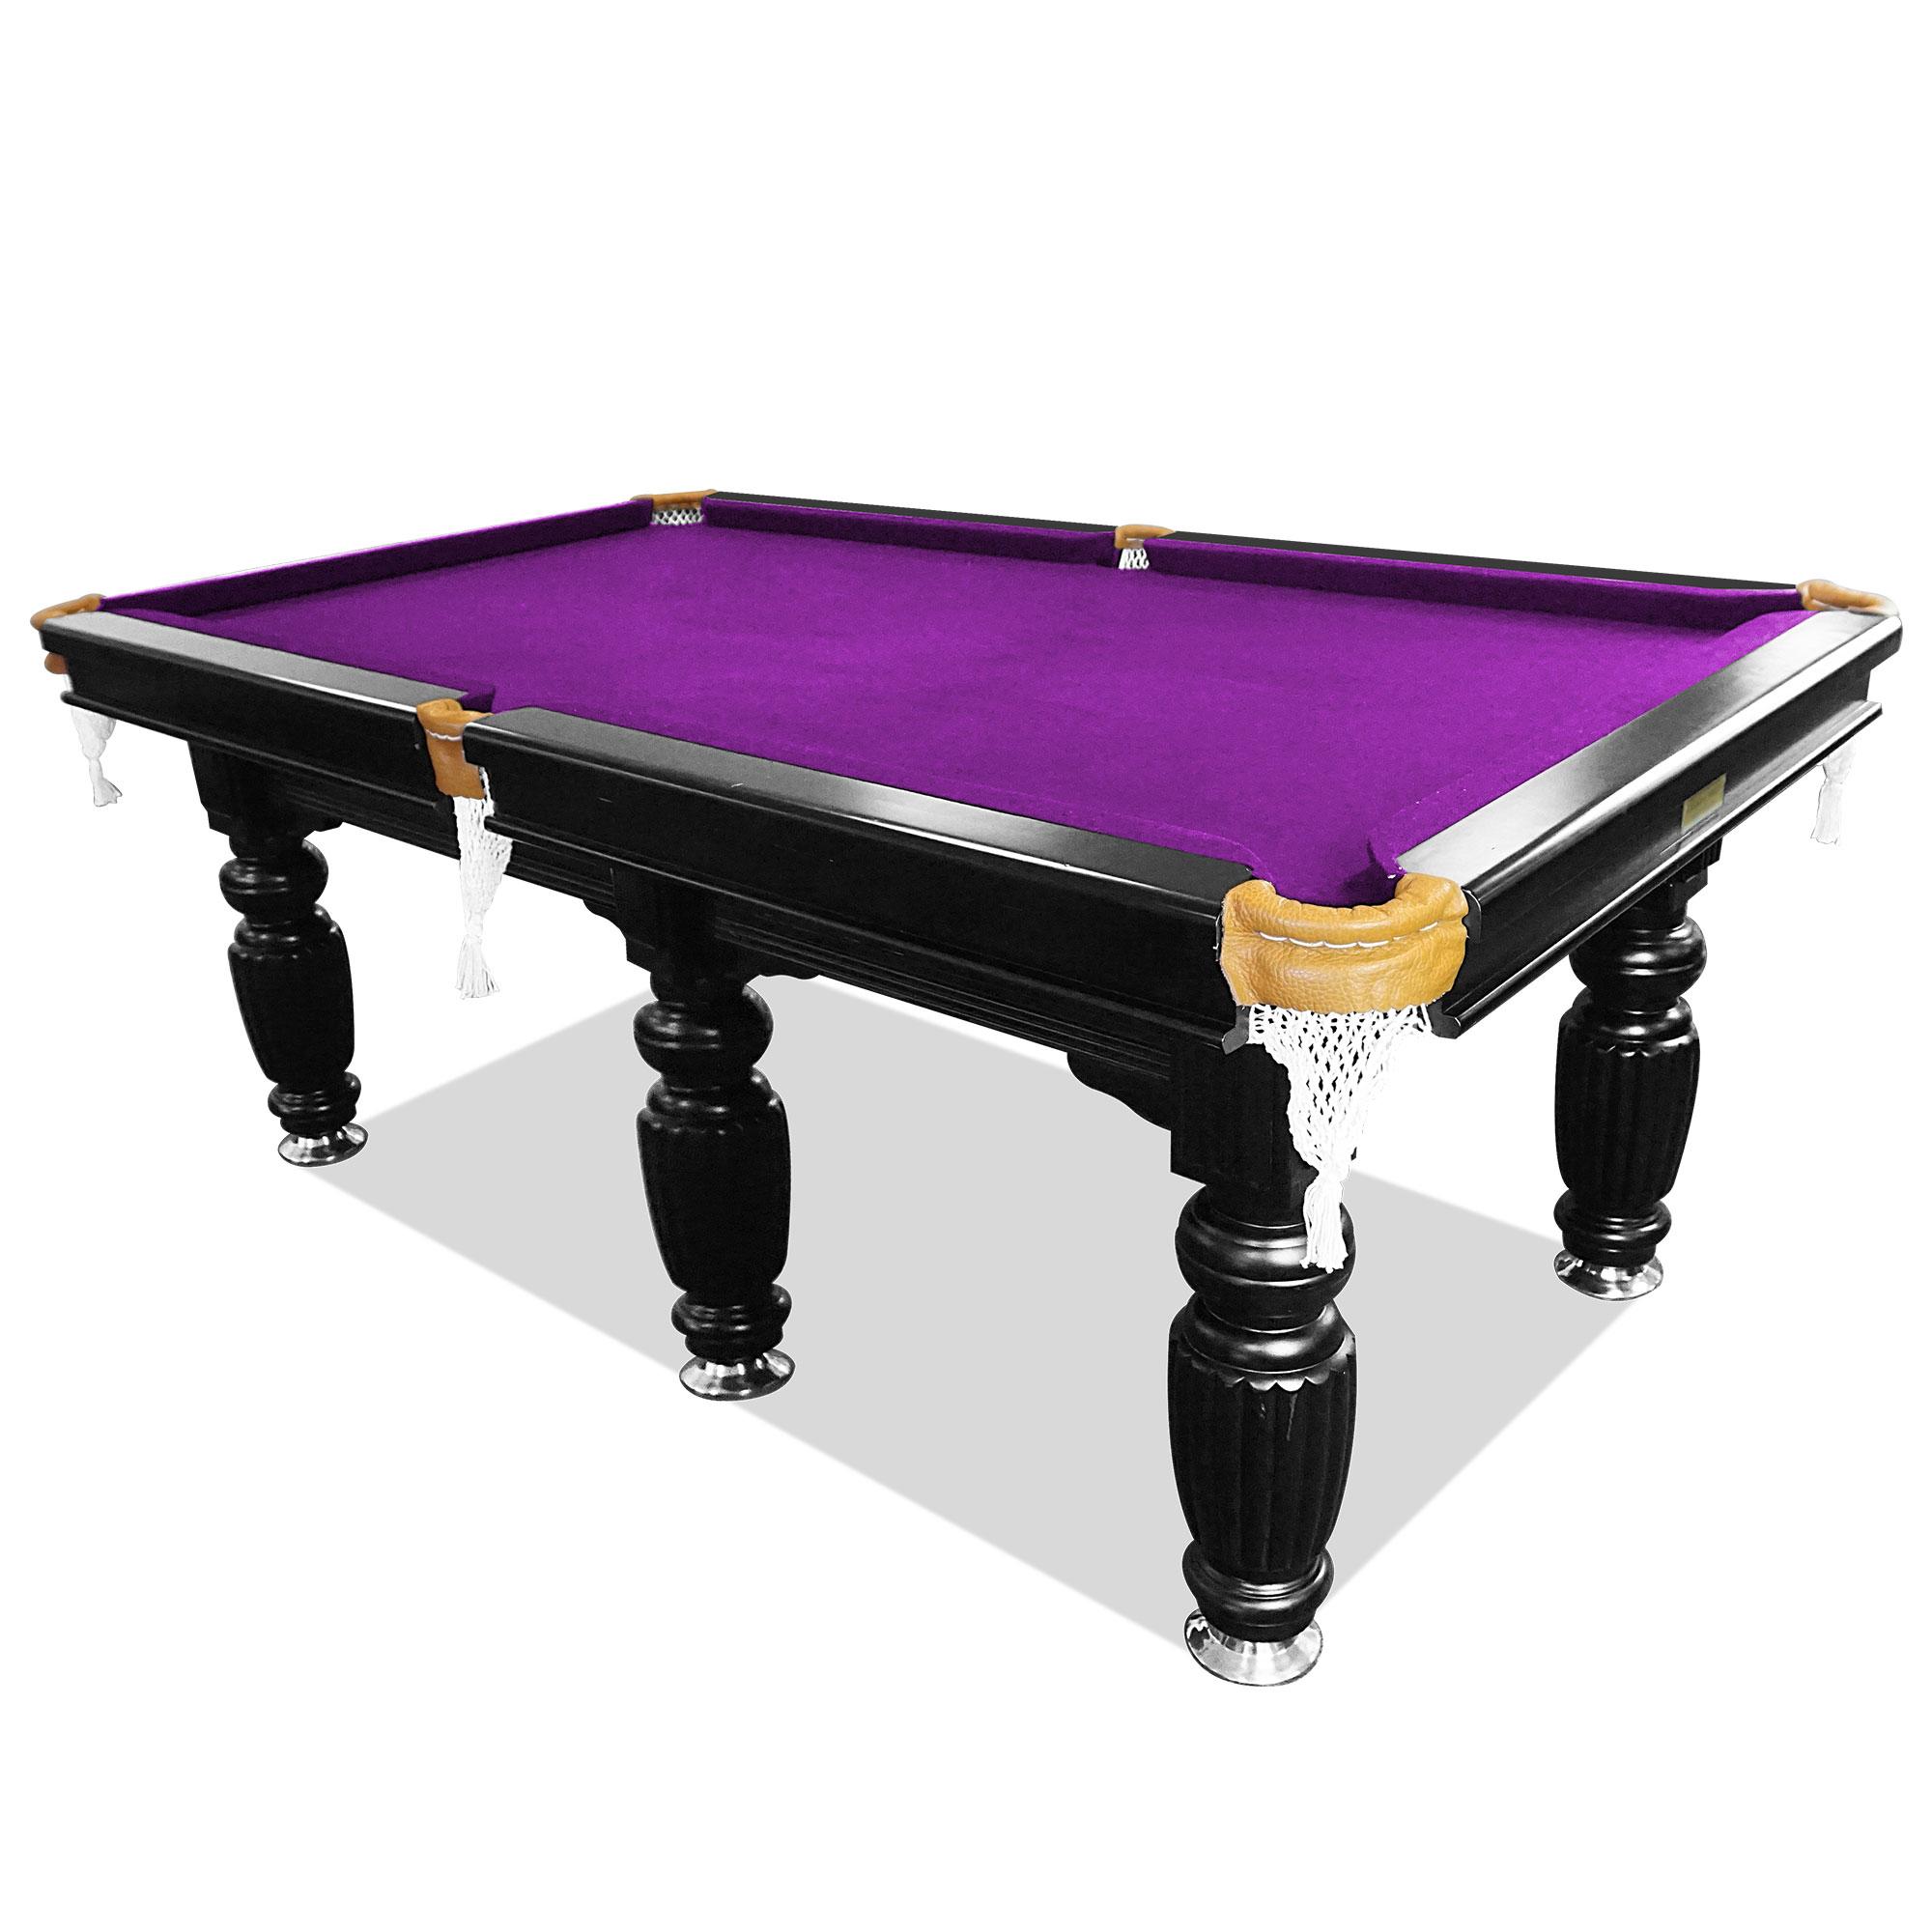 10ft luxury purple slate pool/snooker/billiard table